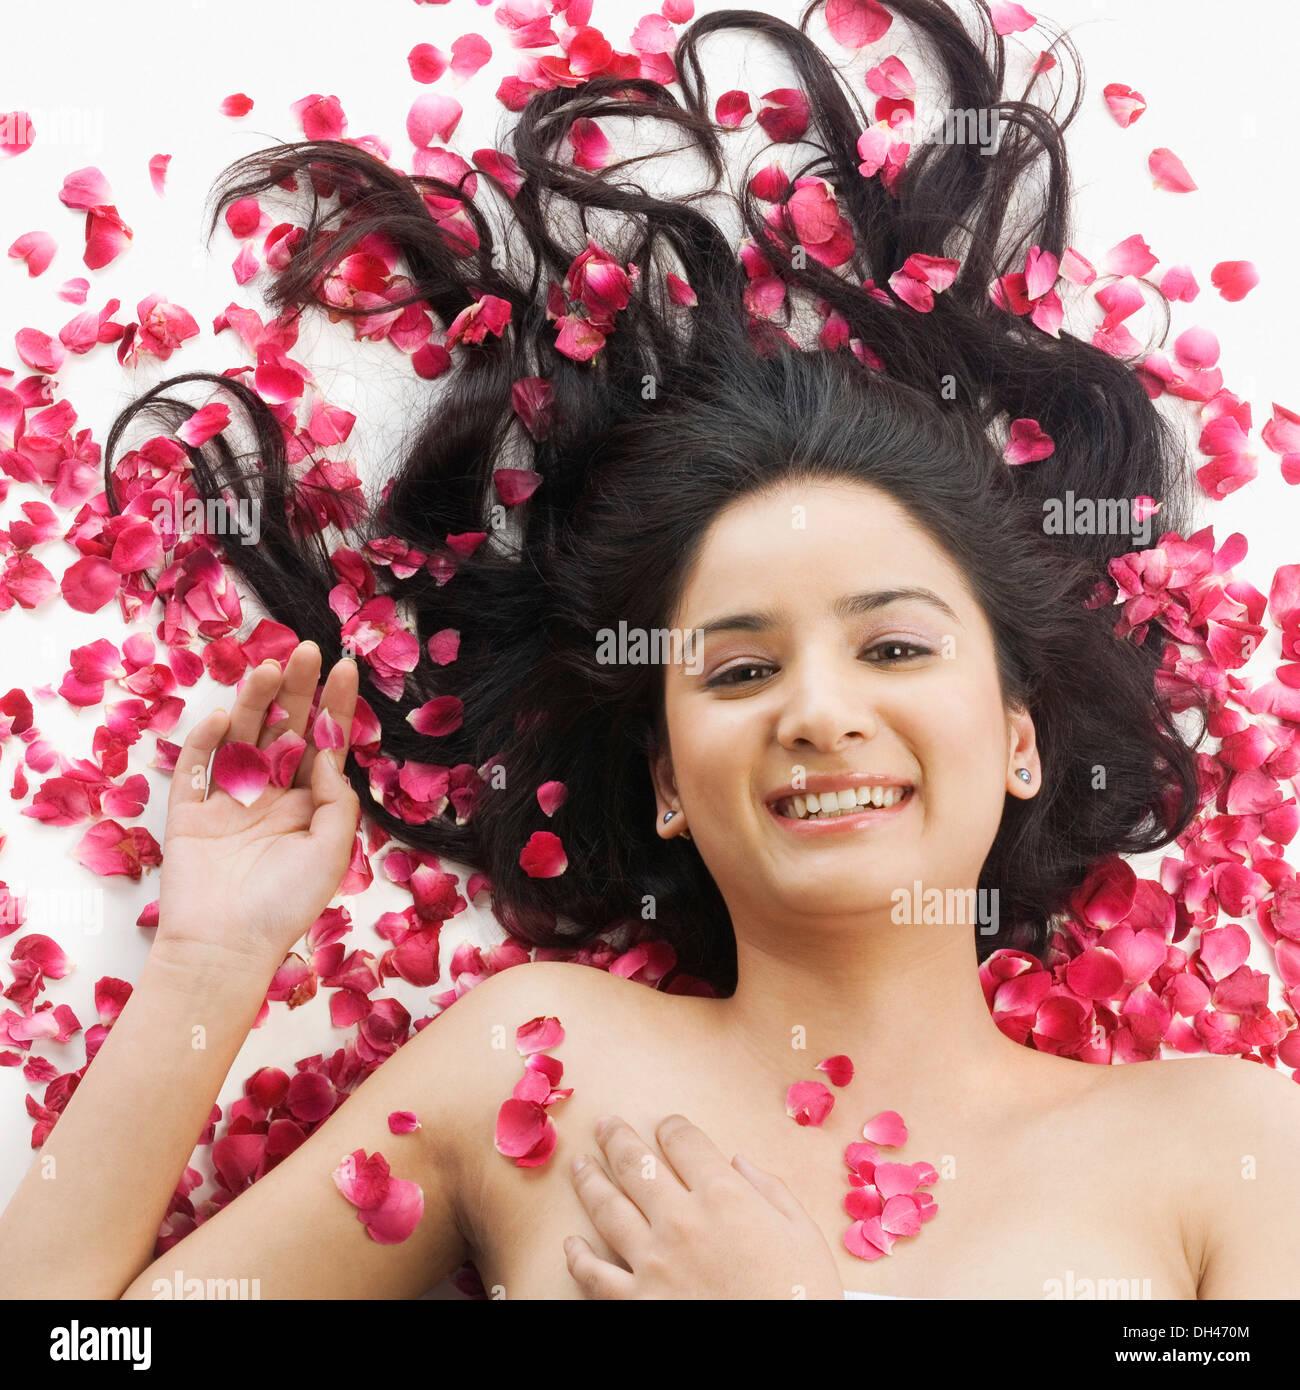 Mujer acostada sobre pétalos de rosas Foto de stock